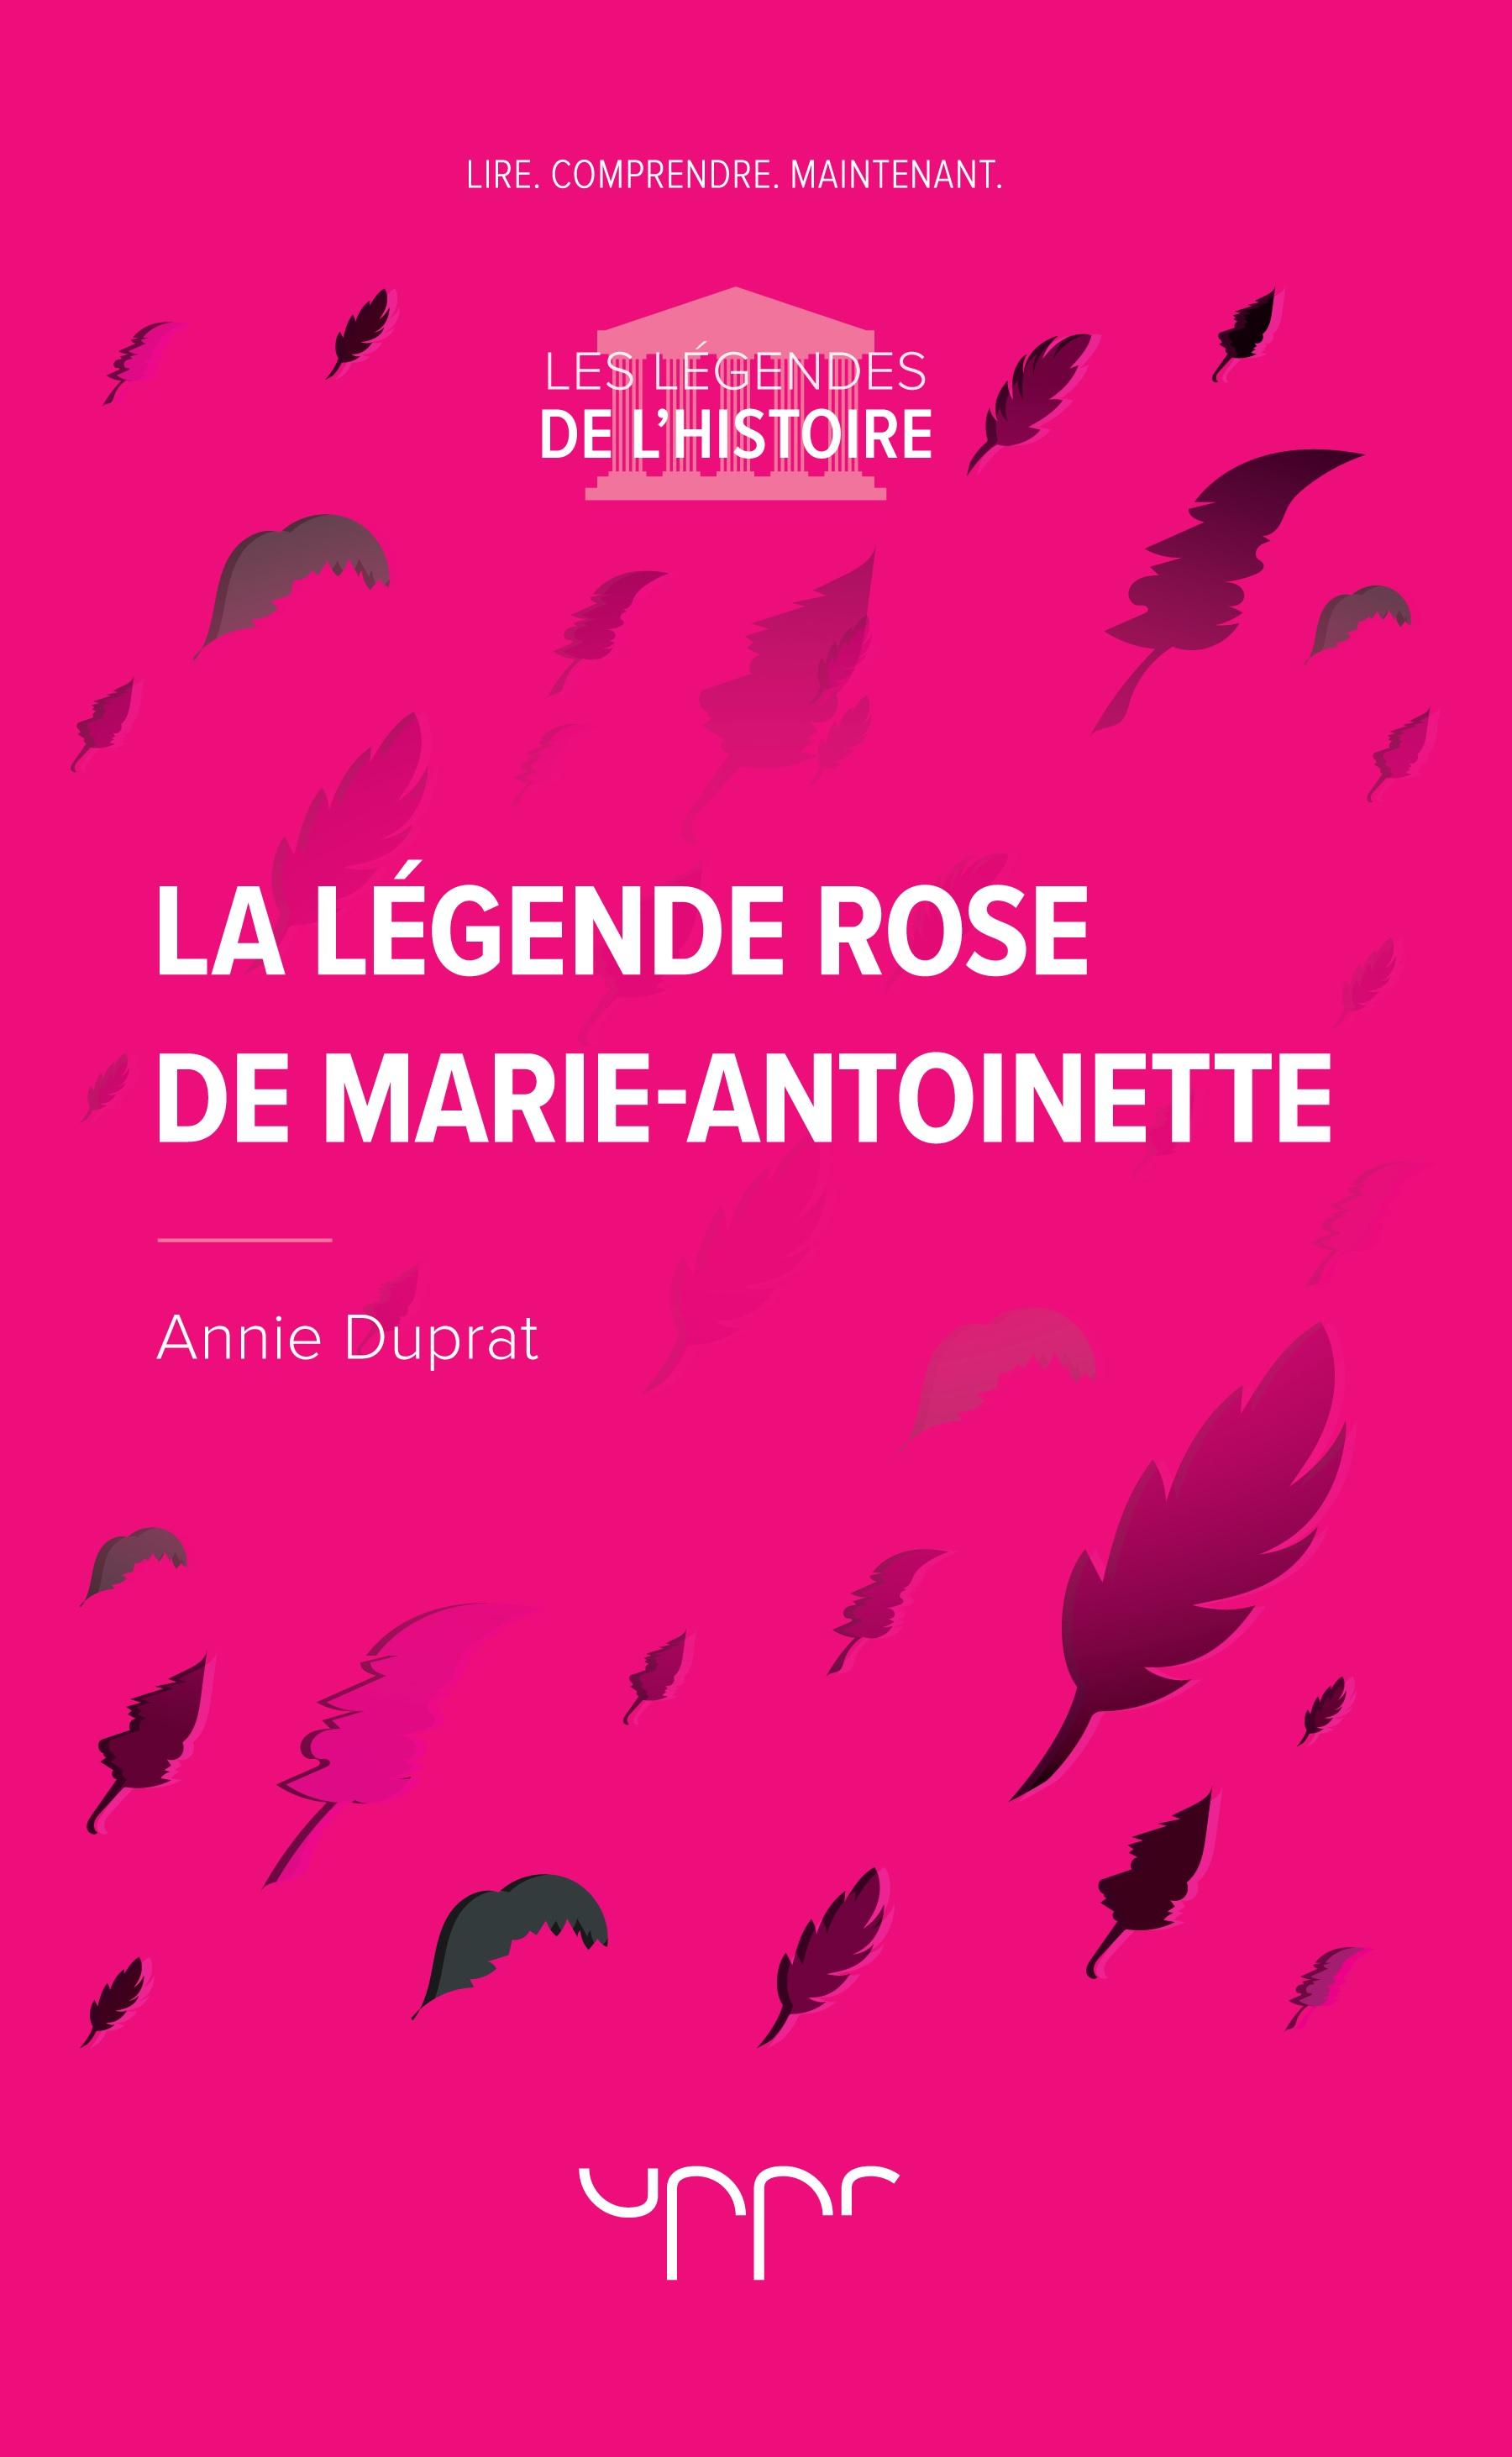 La légende rose de Marie-Antoinette